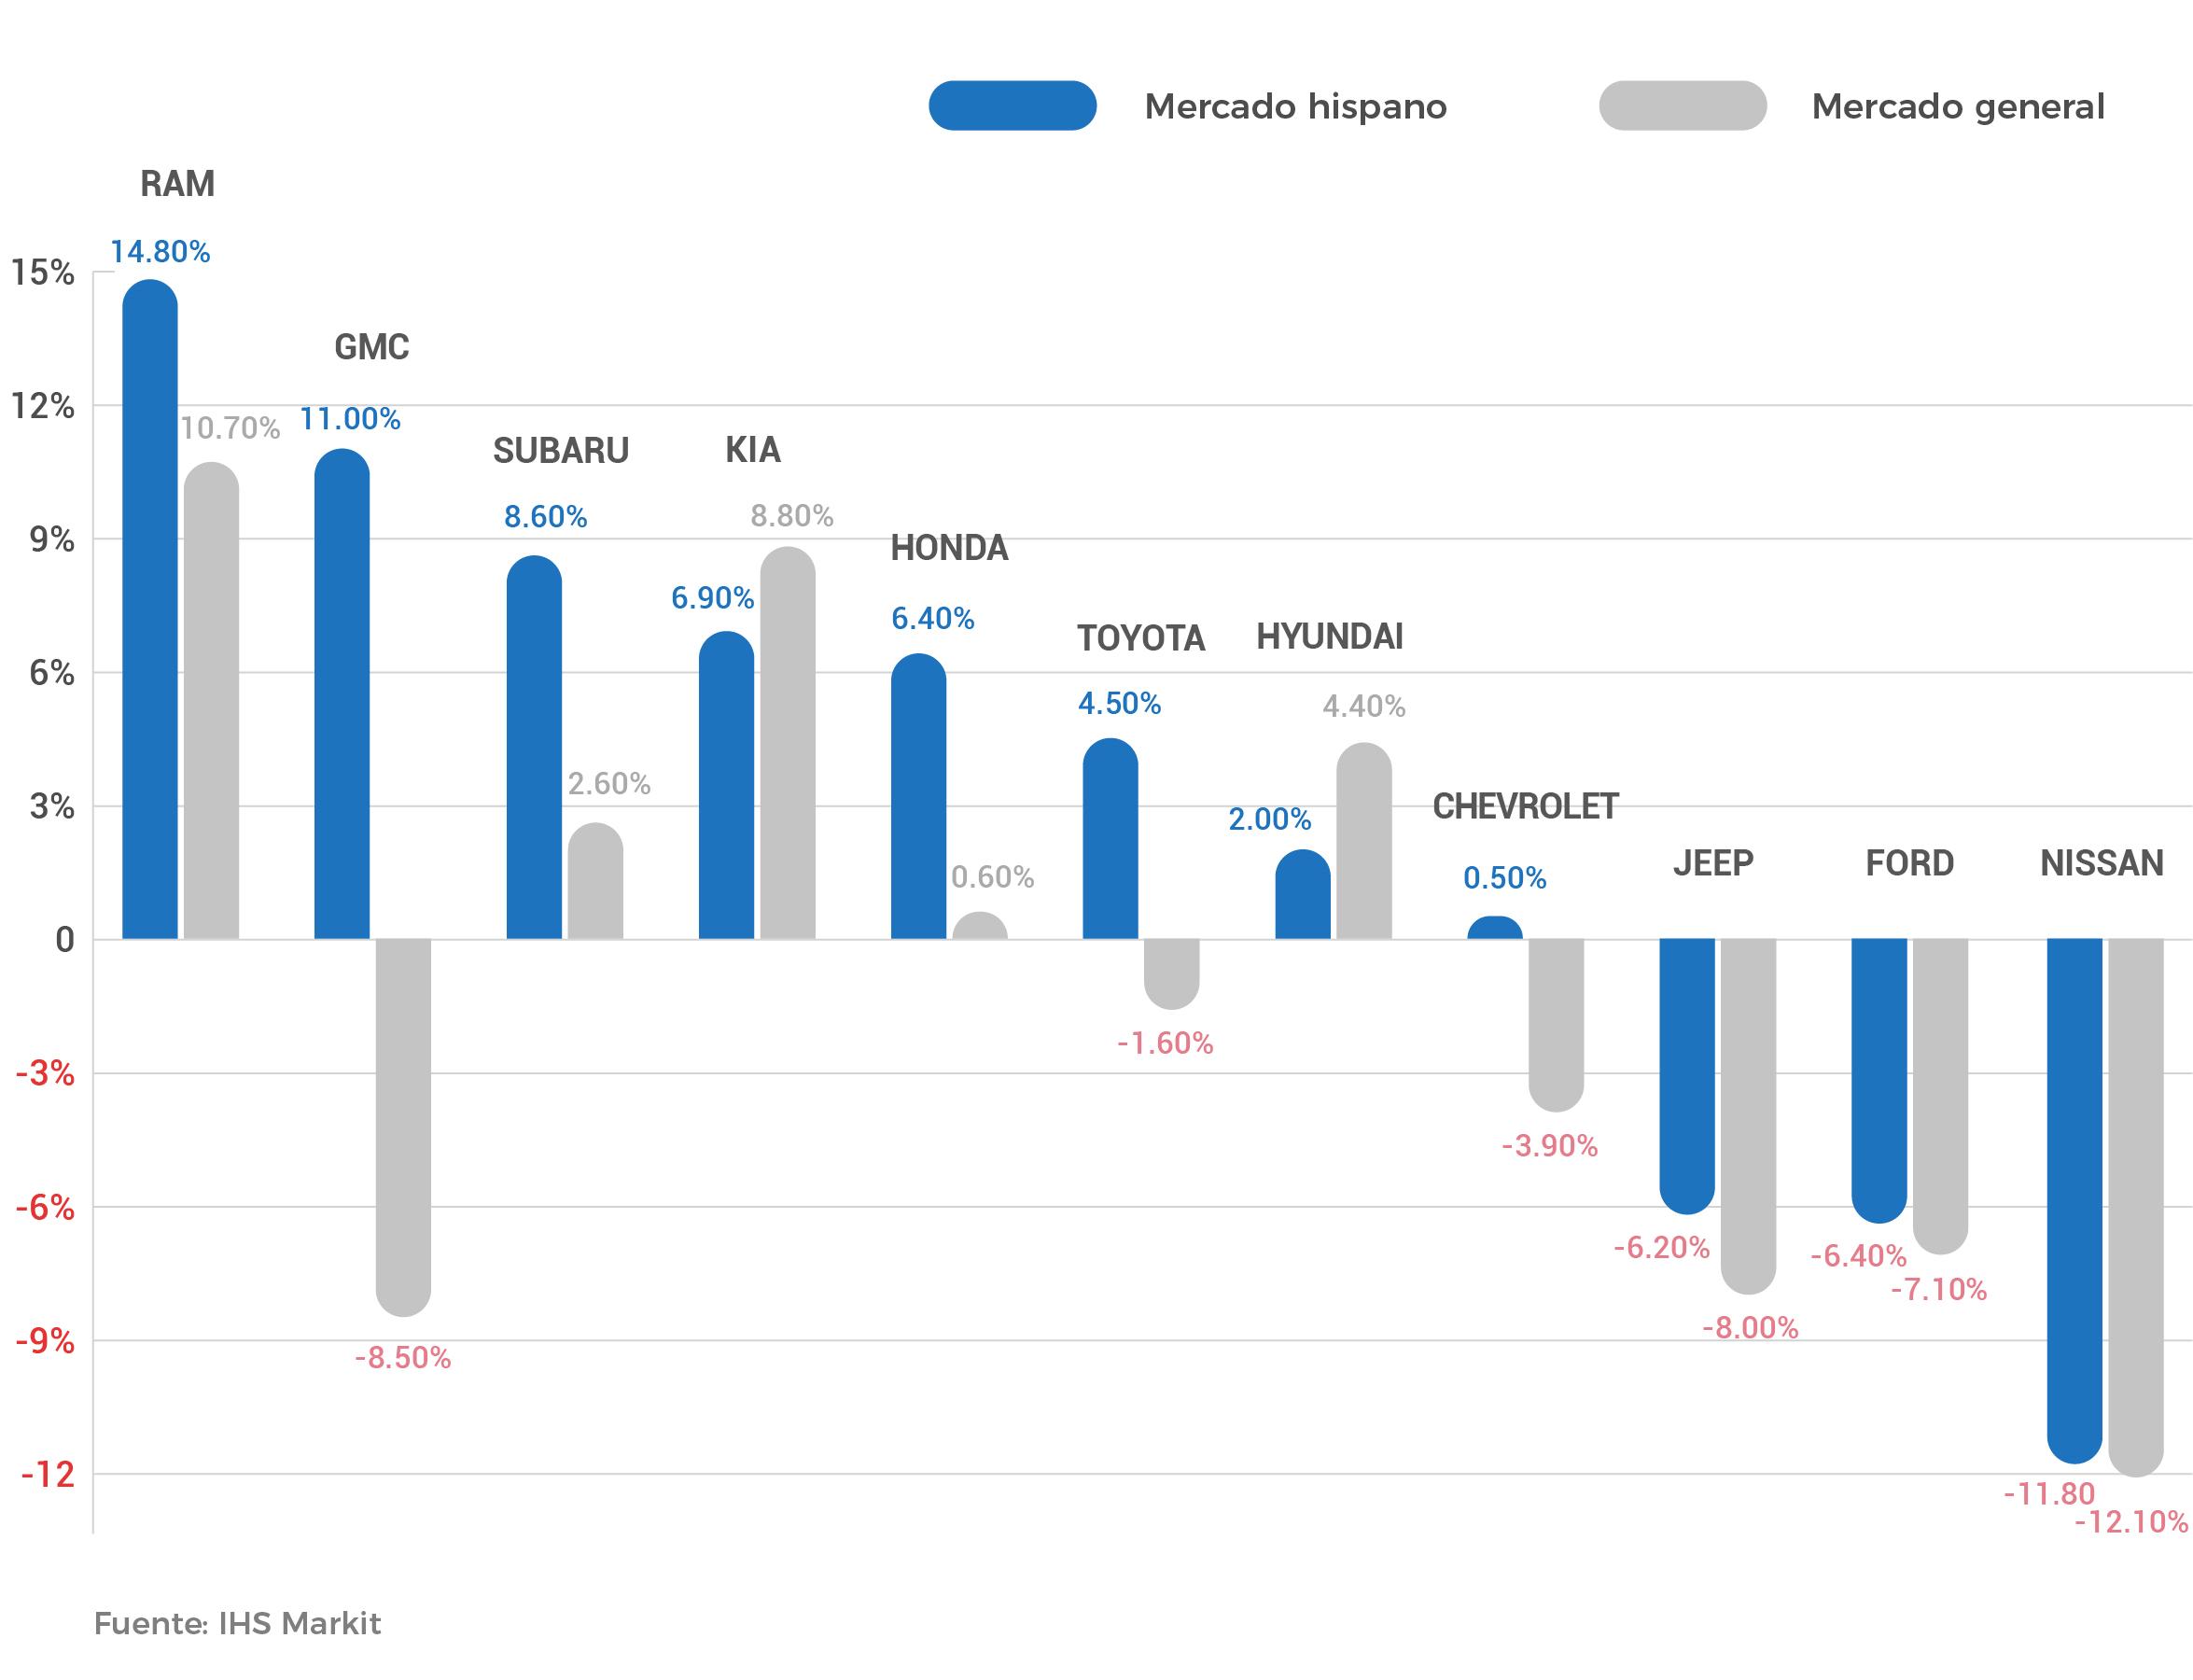 Impacto hispano comparado con el mercado general